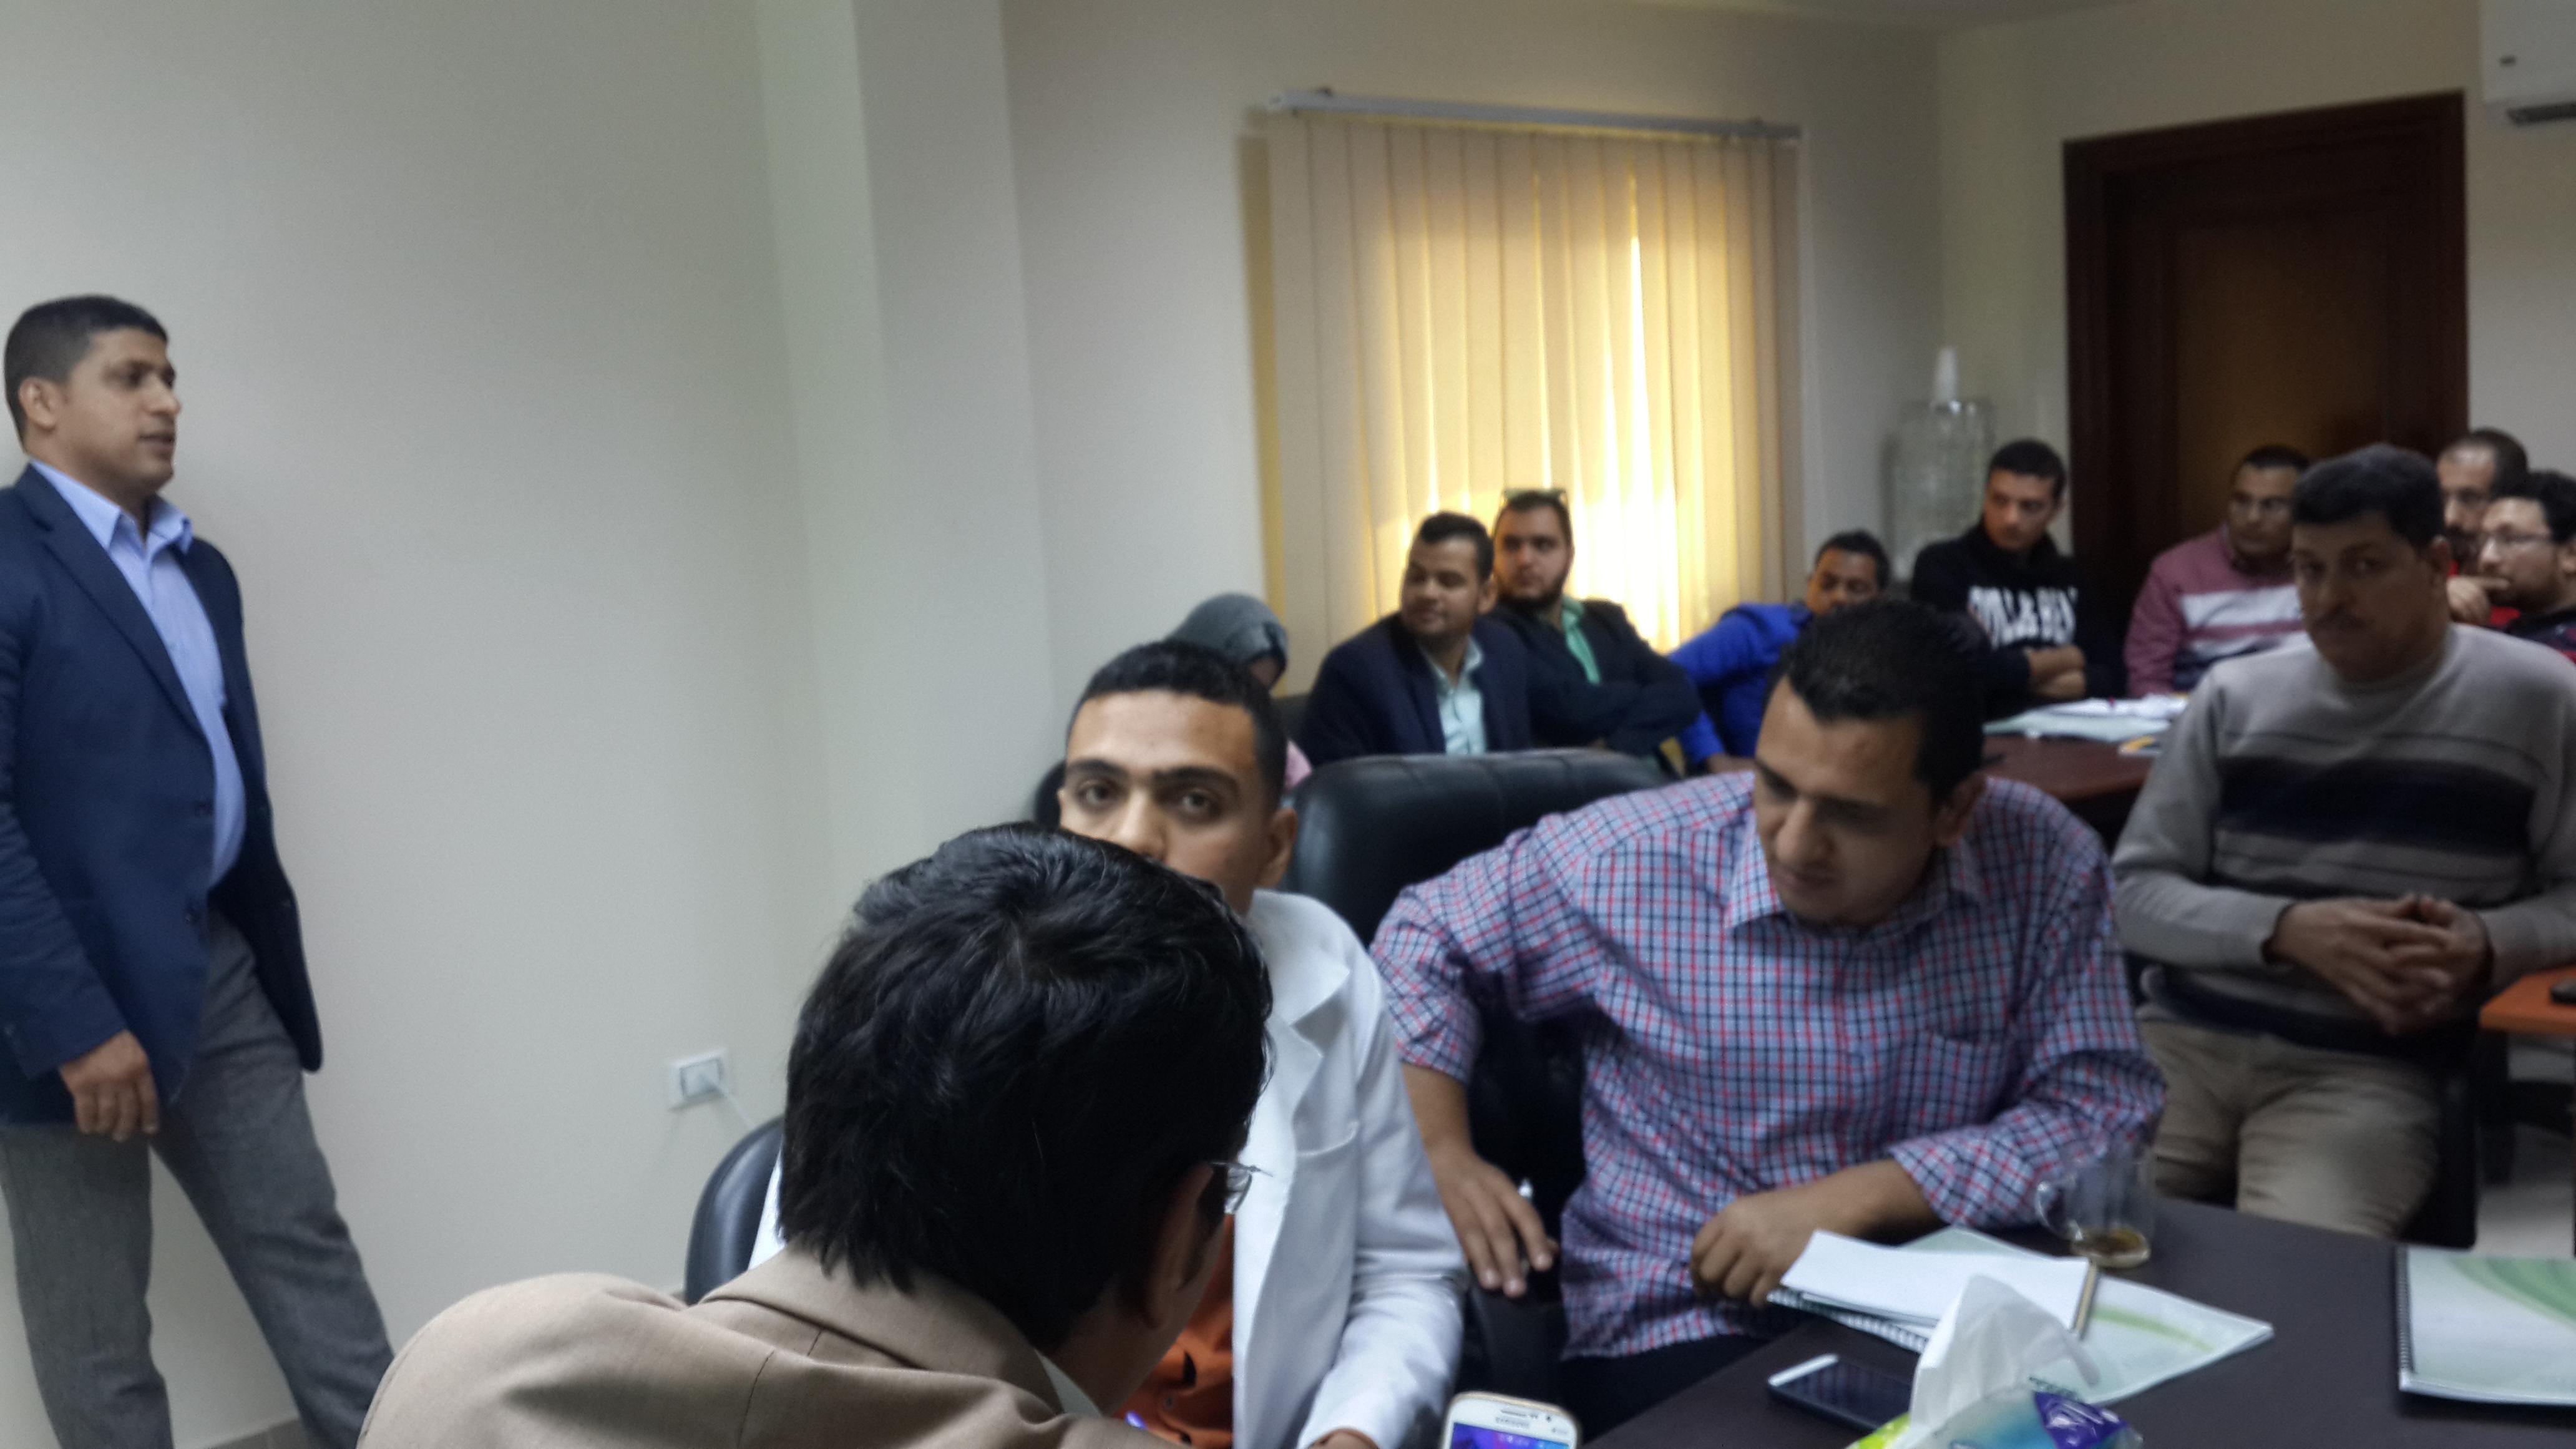 Excellence Center Egypt 20160330-20160330_101939 .jpg